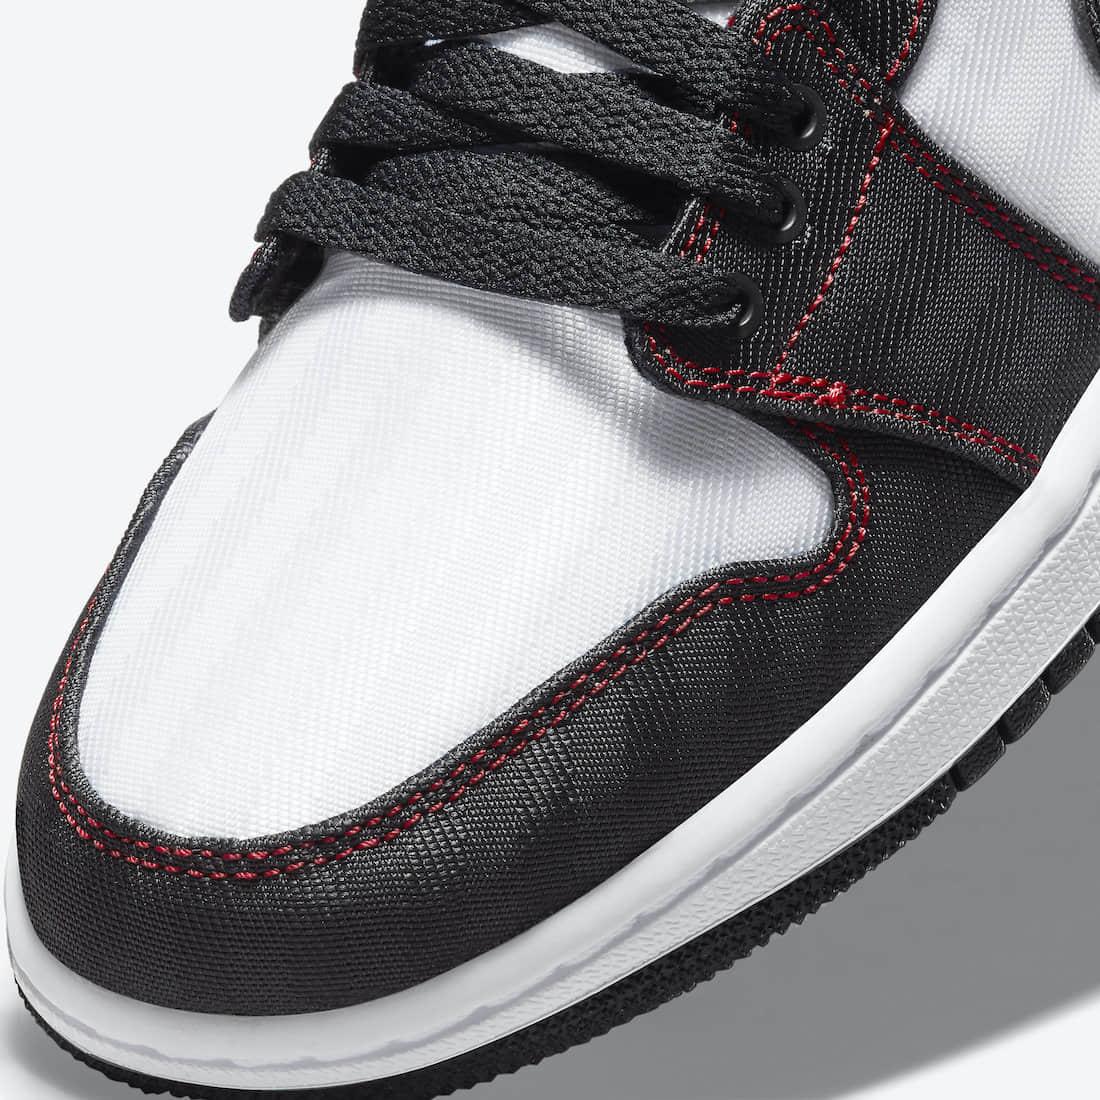 缝线设计+暗纹细节!这双低帮AJ1挺有料! 货号:DD9337-106